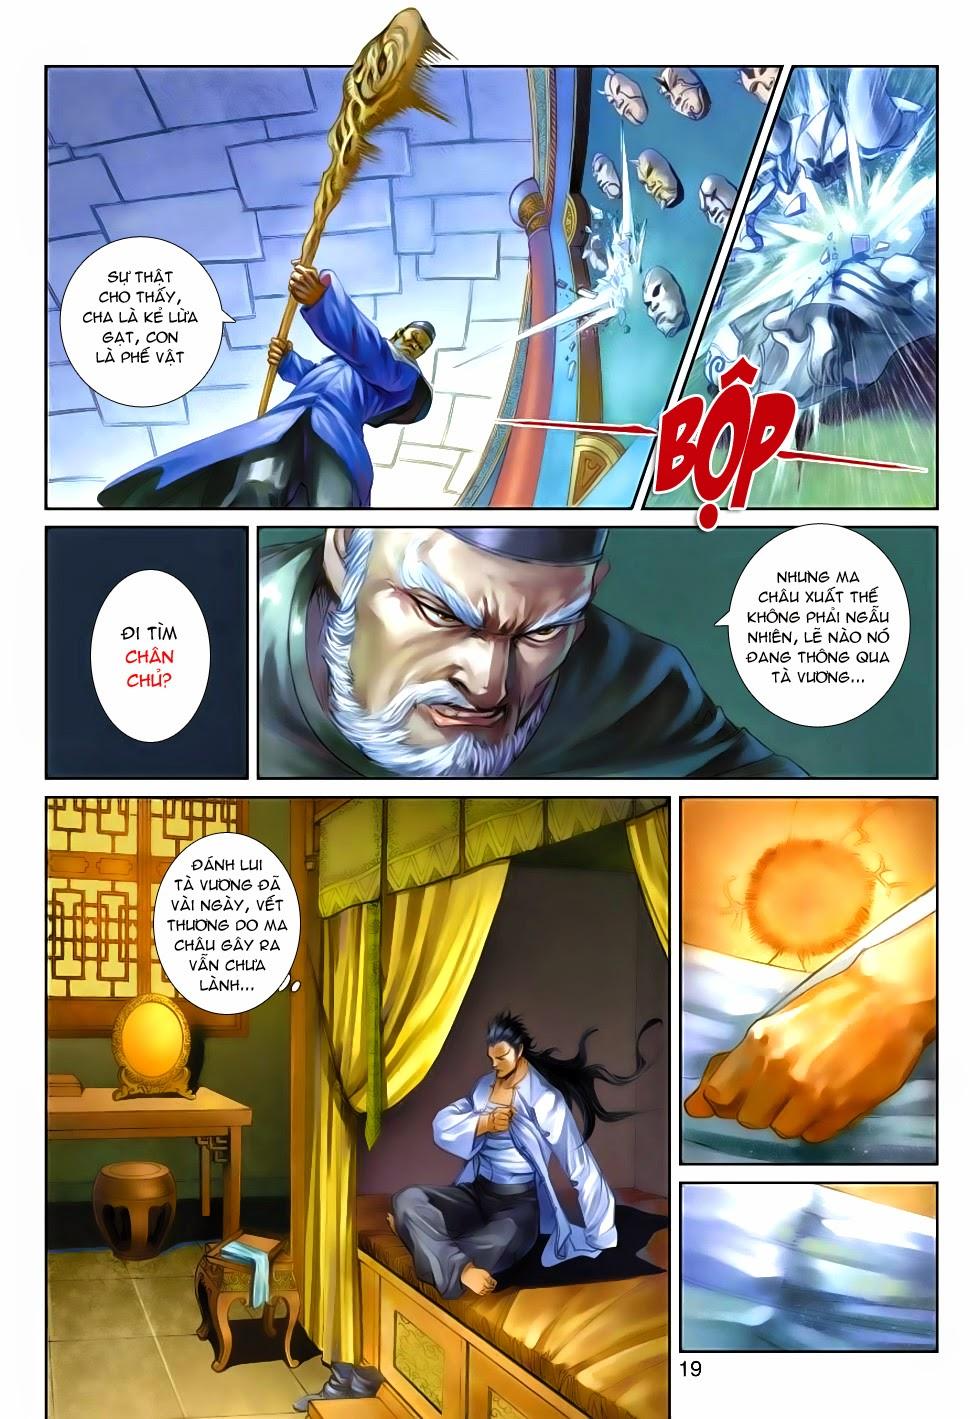 Thần Binh Tiền Truyện 4 - Huyền Thiên Tà Đế chap 5 - Trang 19